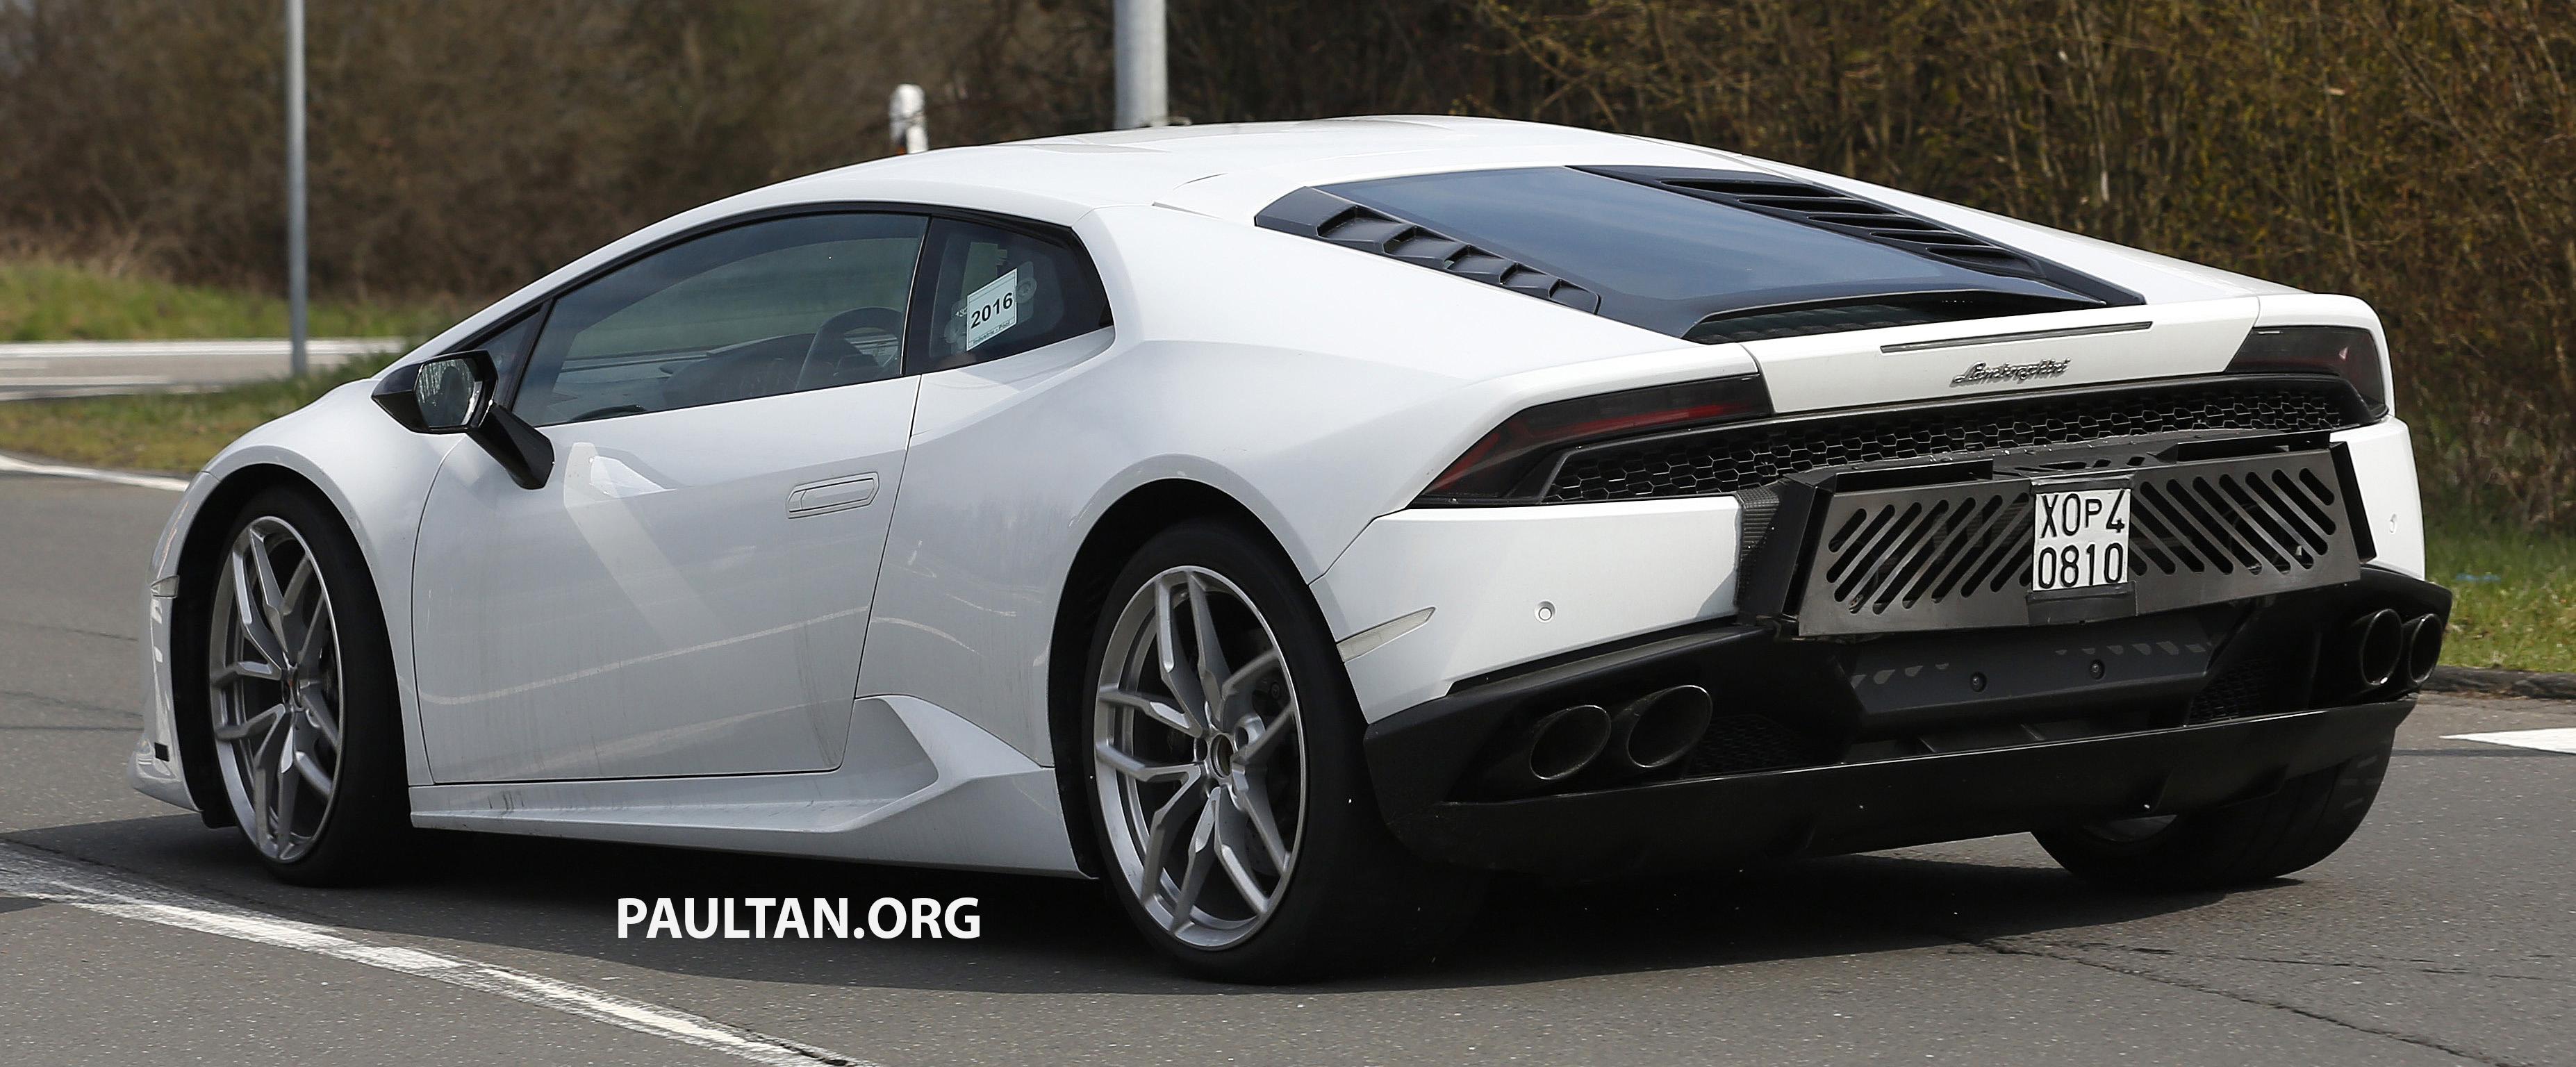 Spied Lamborghini Huracan Superleggera Testing Paul Tan Image 478170